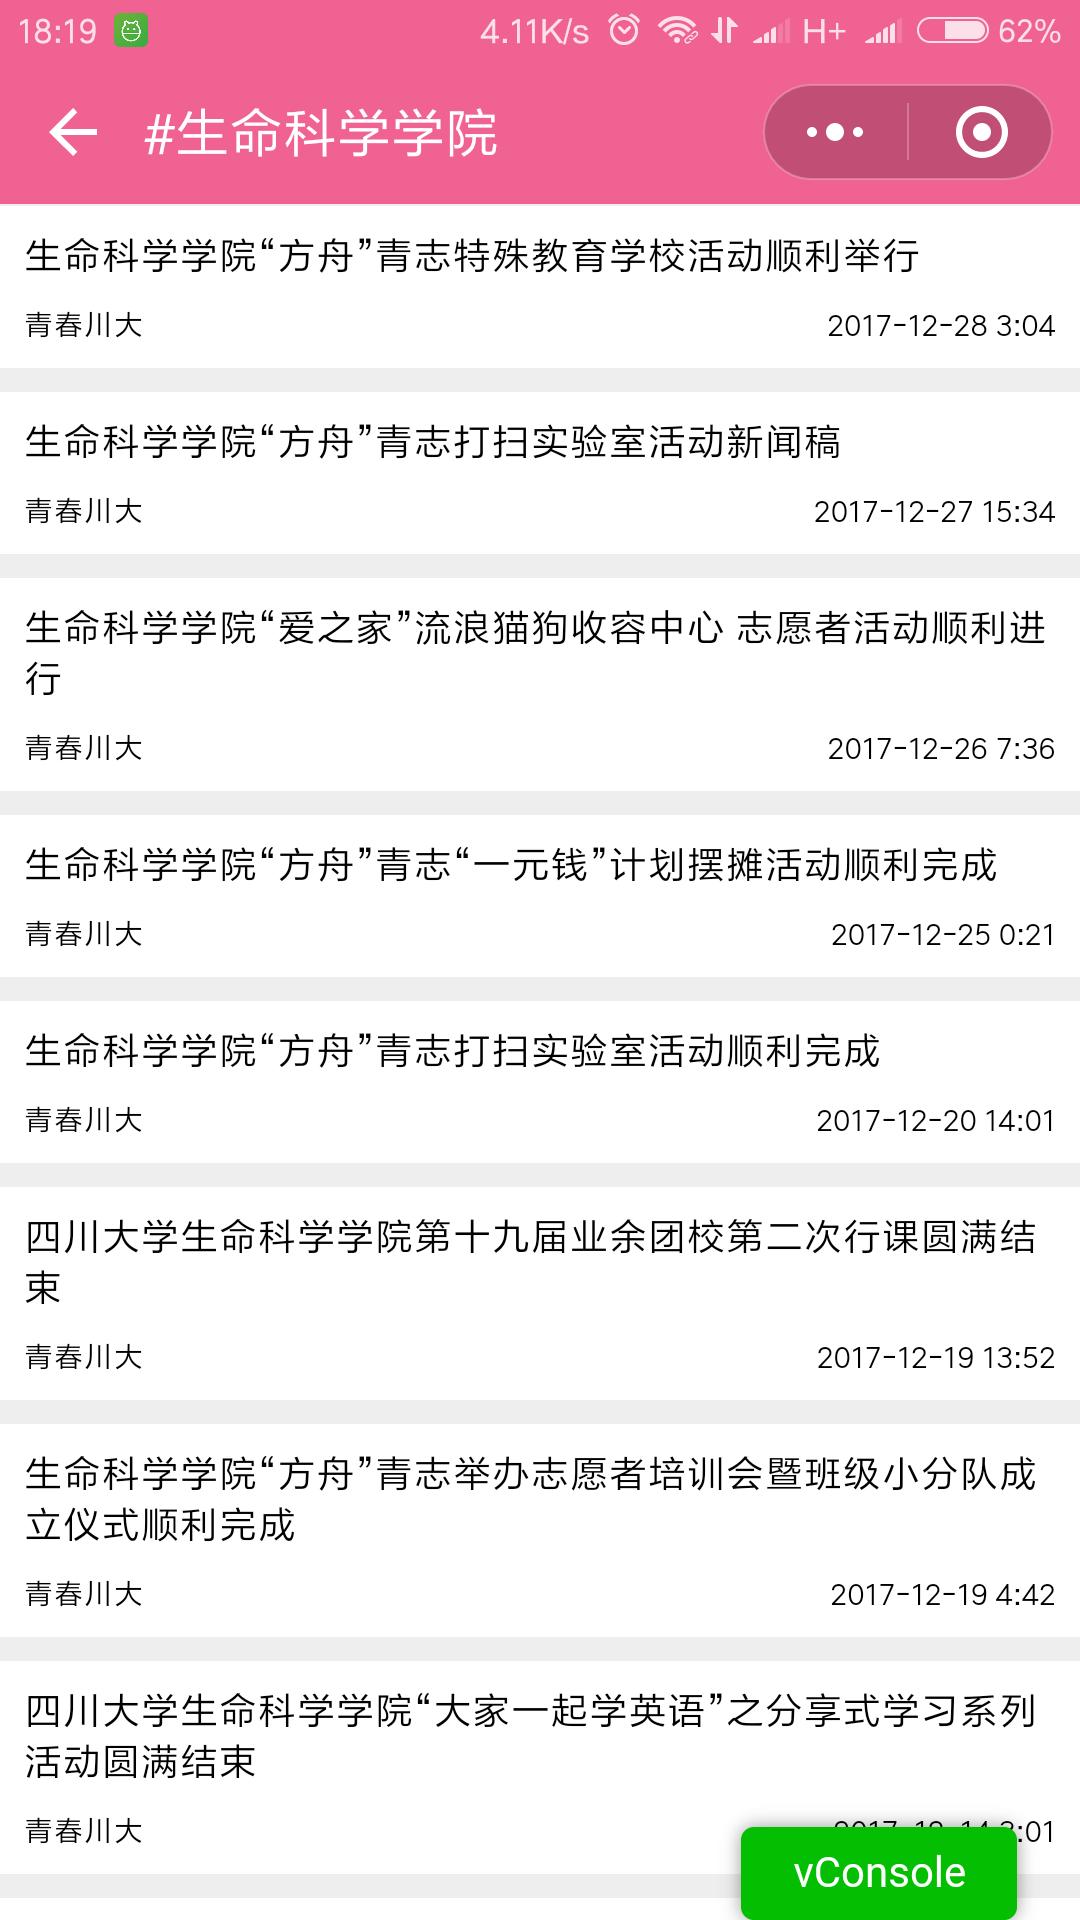 screenshot_2018-01-24-18-19-17-192_com tencent mm